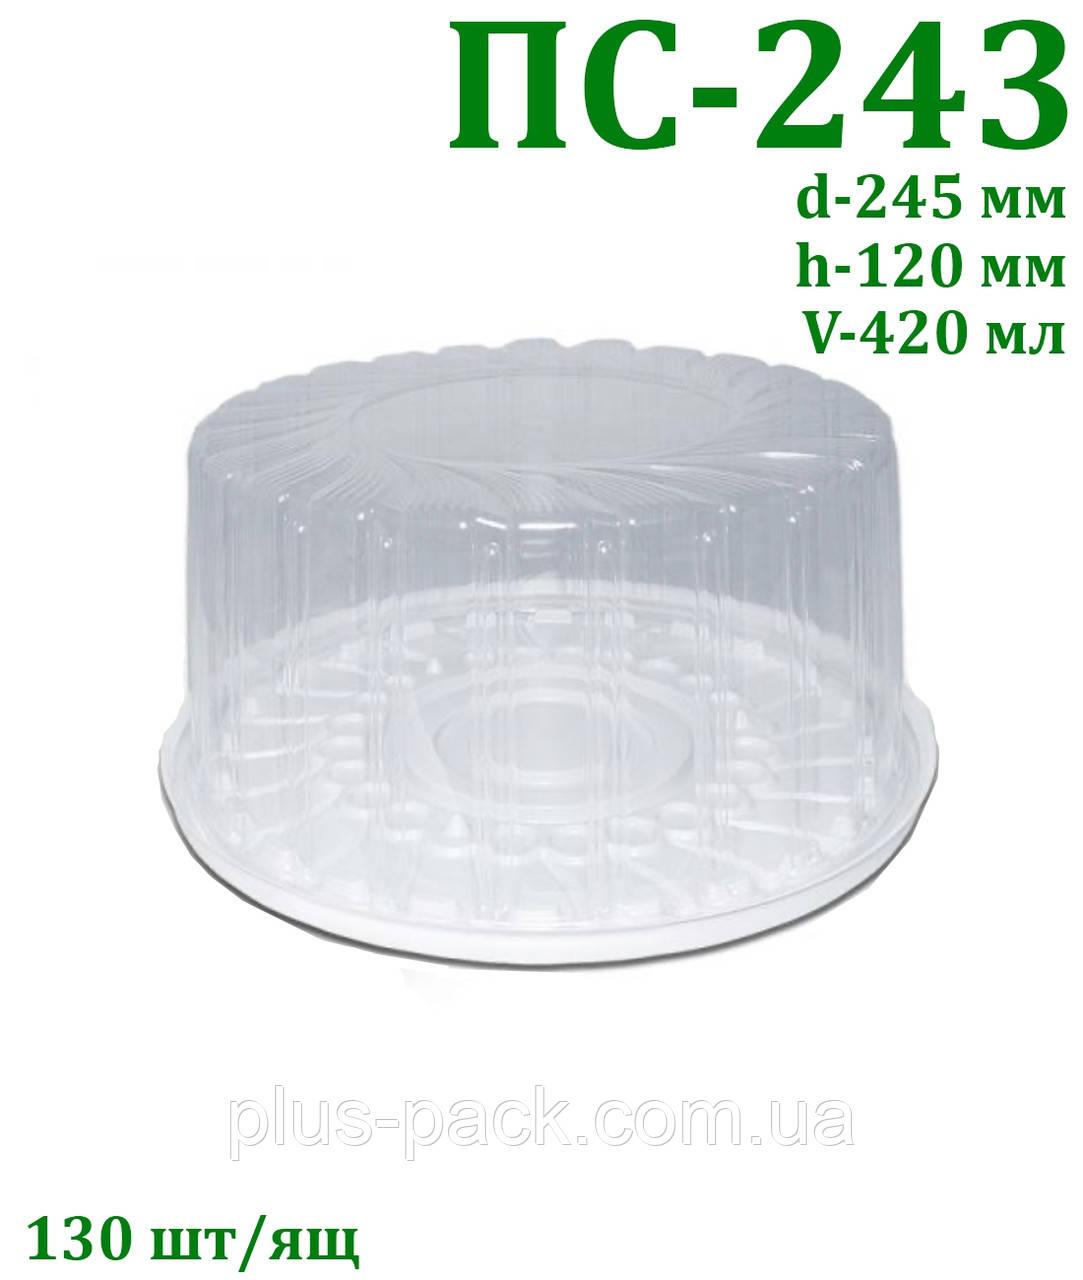 Упаковка пластикова для тортів, 130шт/ящ